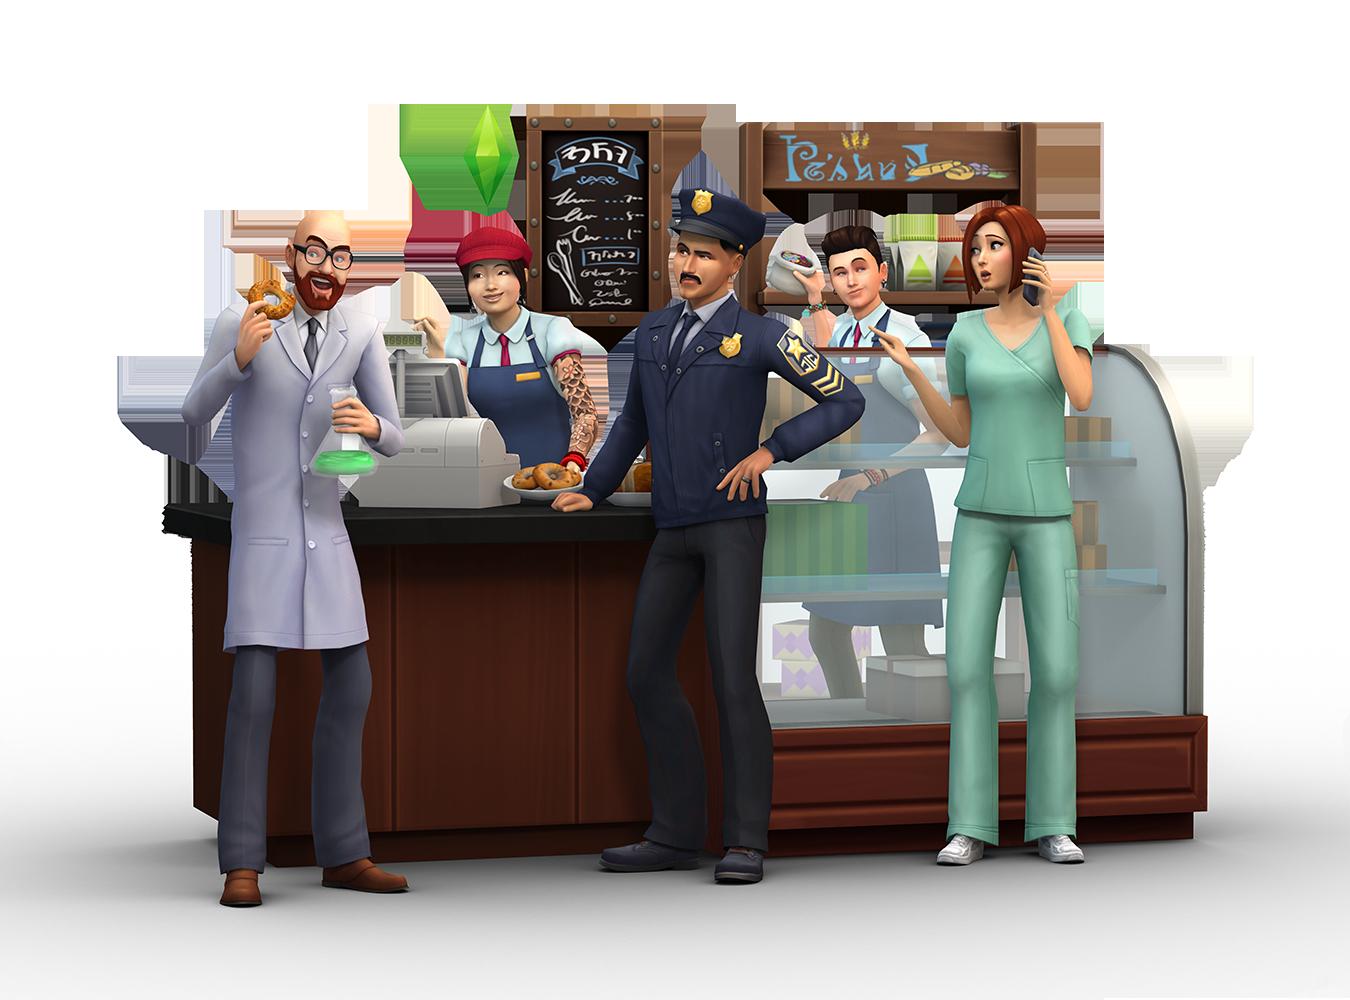 Les Sims 4 Au Travail est le premier pack d'extension pour Les Sims 4. Il comprend trois carrières actives totalement inédites : médecin, détective et scientifique, ainsi que la possibilité de créer, de personnaliser et de gérer des magasins appartenant à vos Sims.